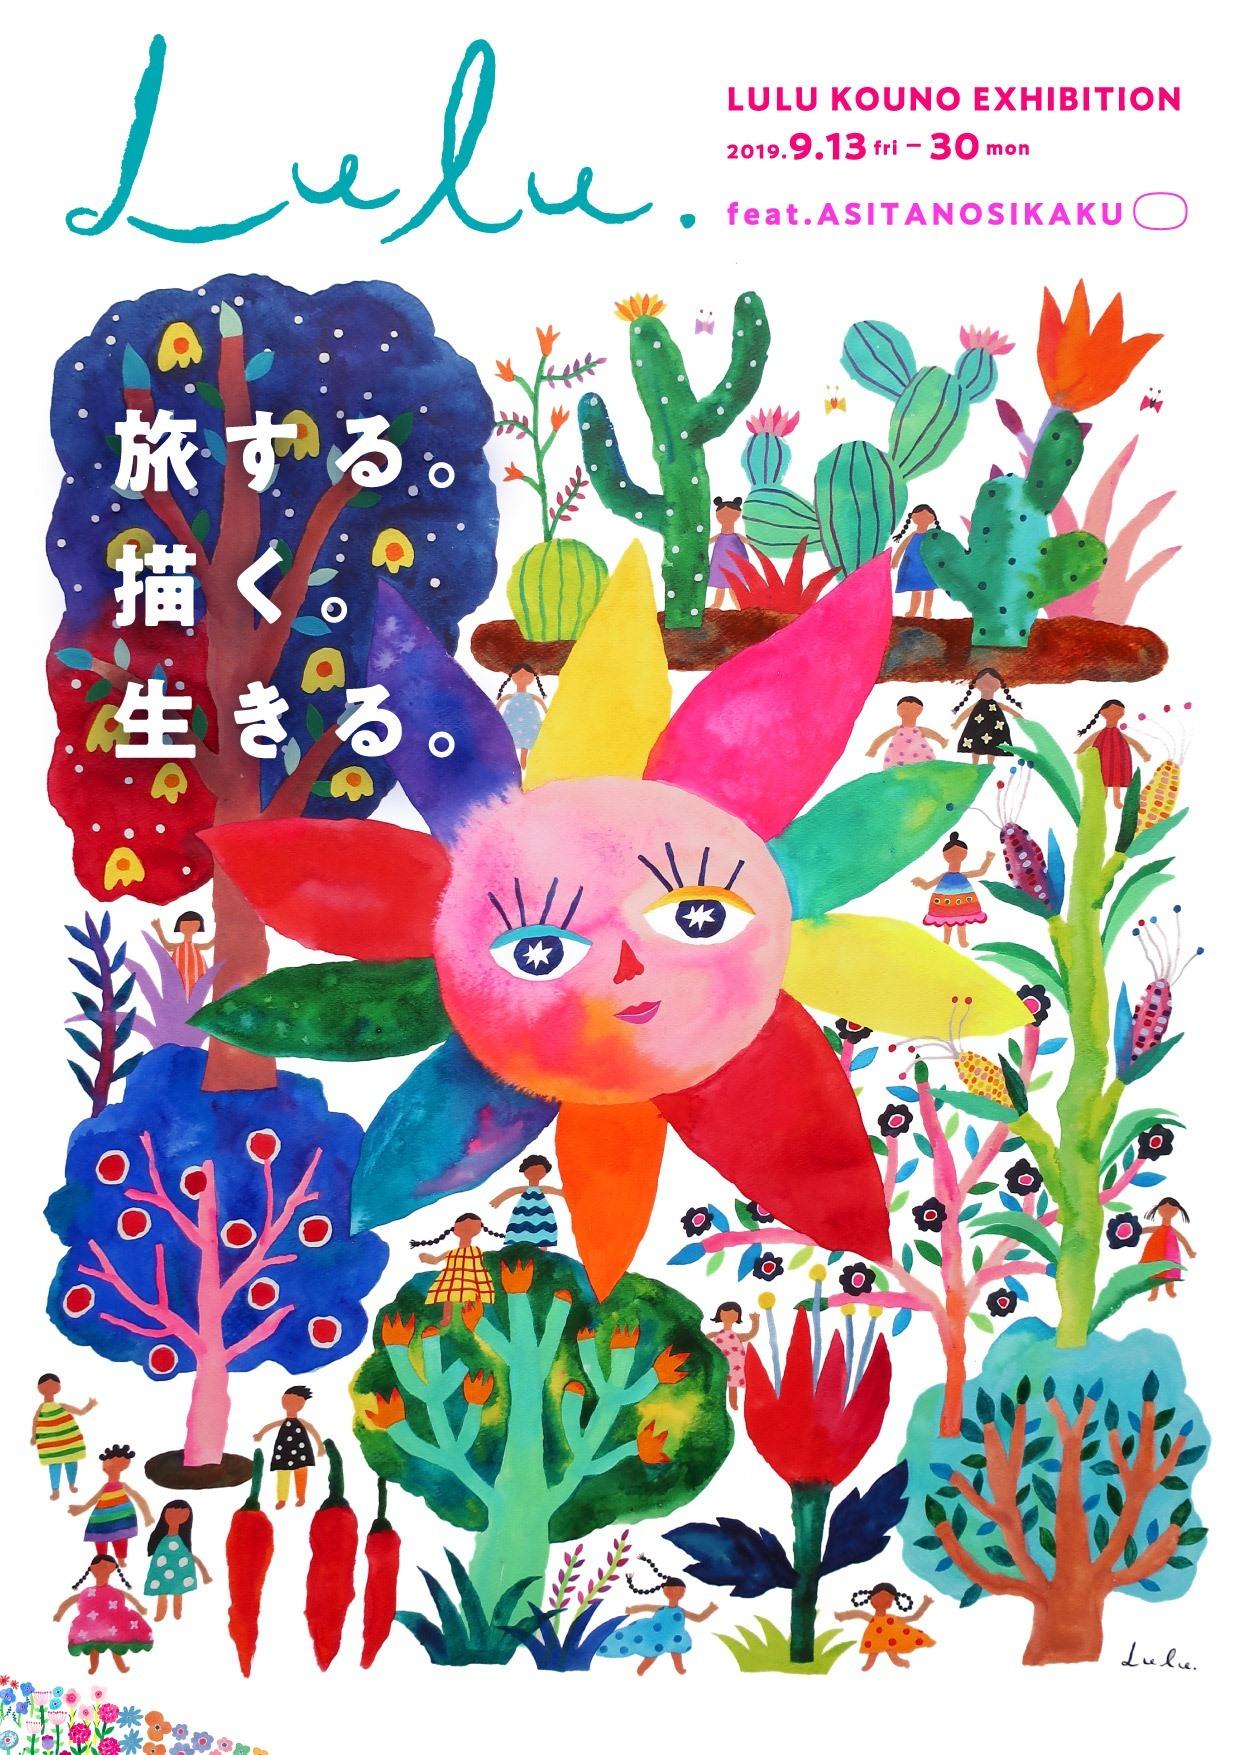 【実績紹介】UNKNOWN ASIA 2017年度グランプリアーティスト河野ルル個展 /